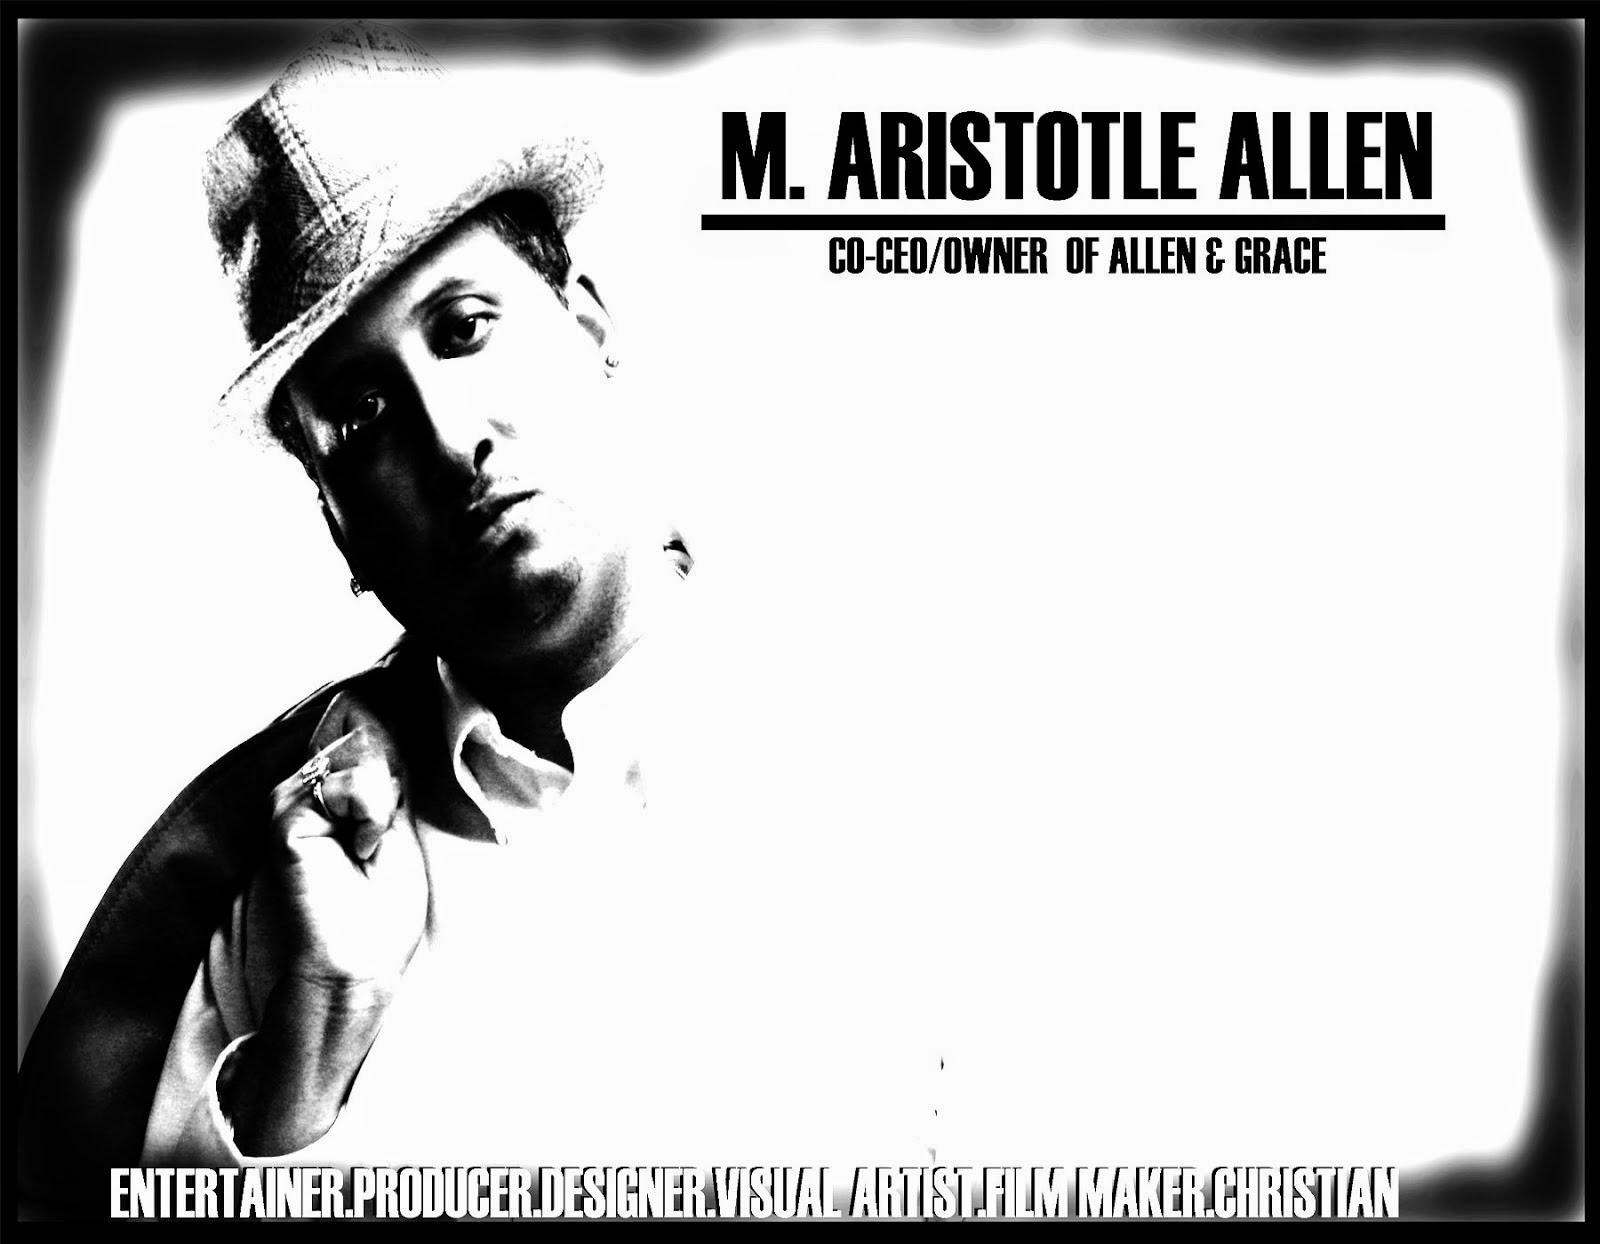 Aristotle Allen